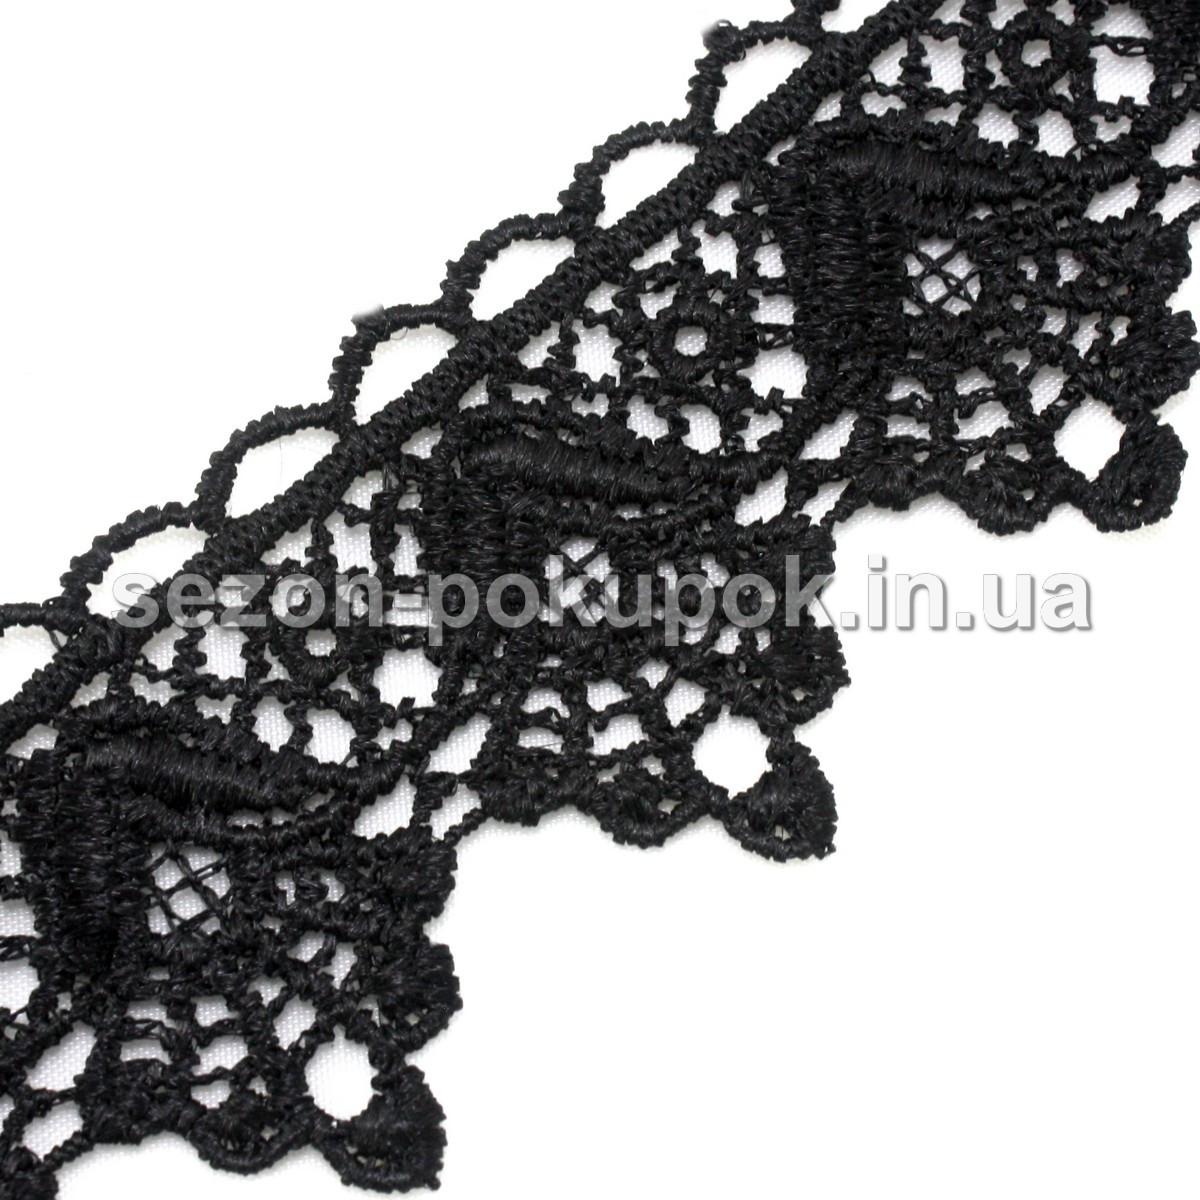 (20 ярдов) Кружево макраме с кордом Код 3533, ширина 3,5см Цвет - черный